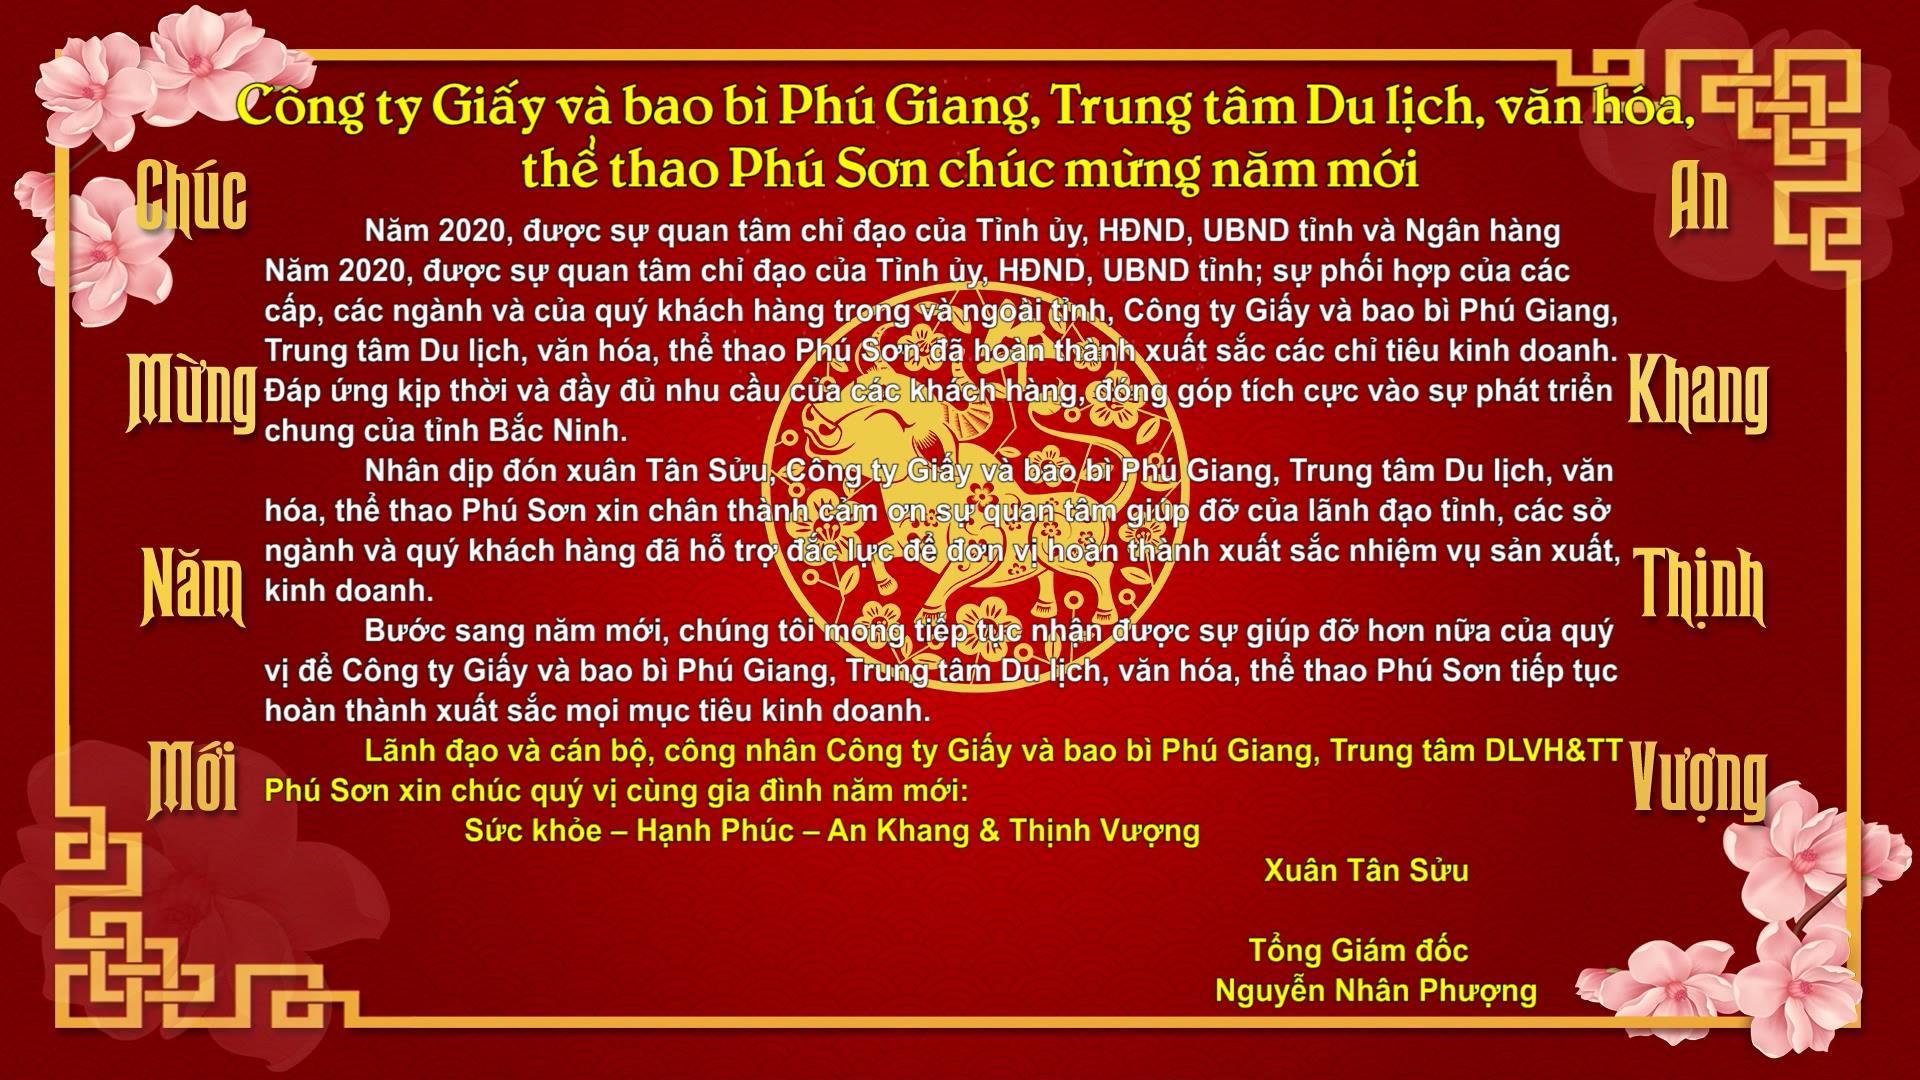 Công ty giấy và bao bì Phú Giang